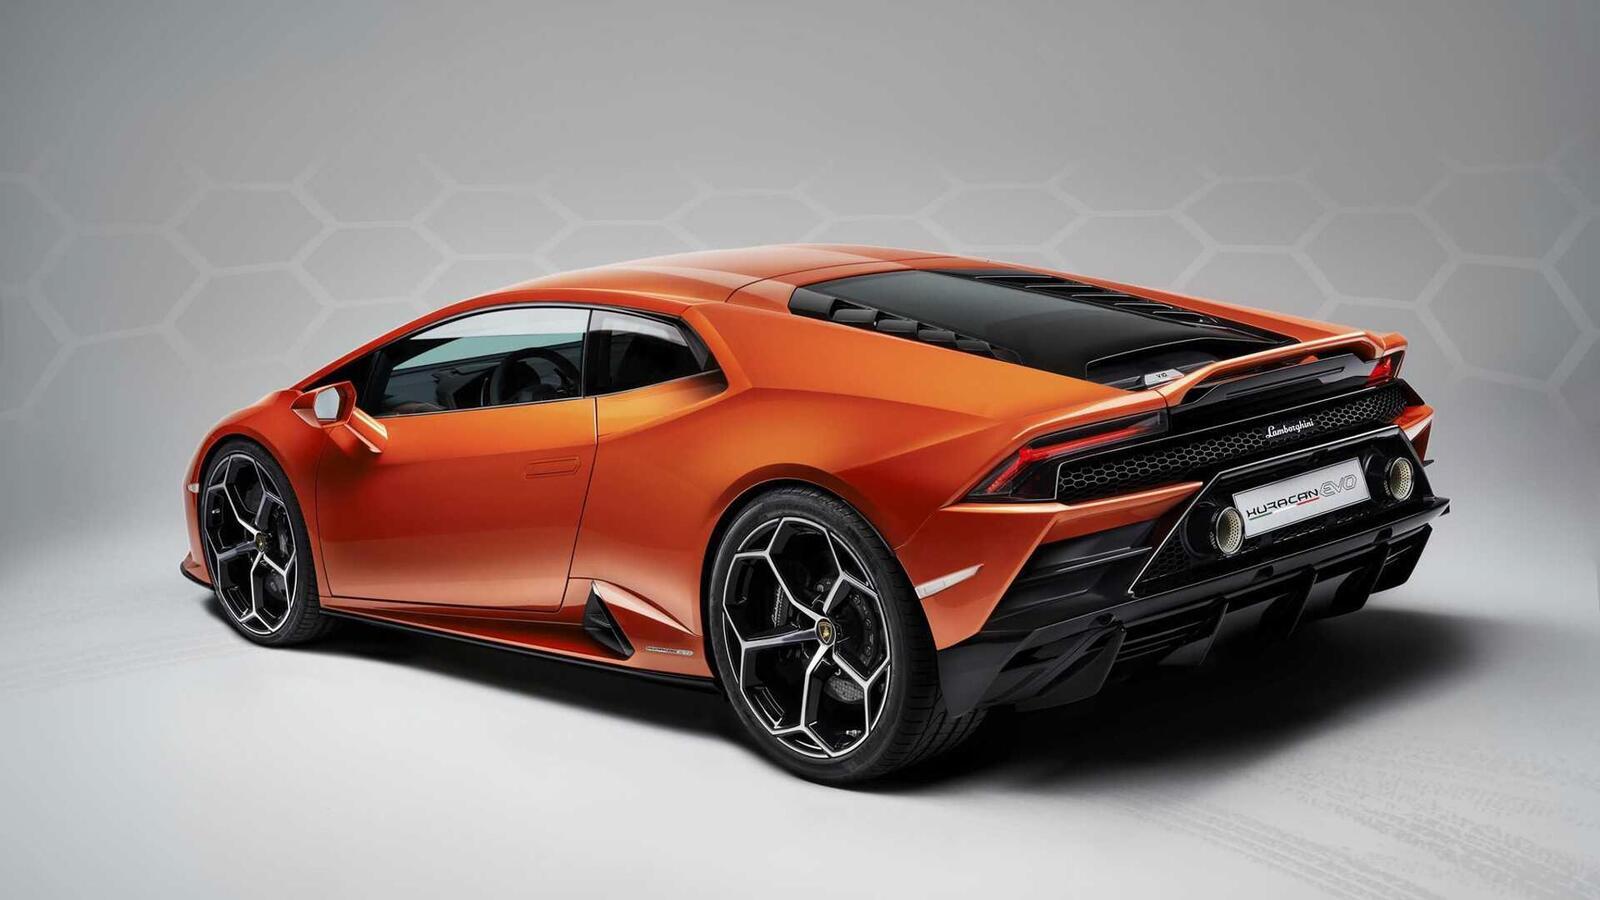 Lamborghini giới thiệu Huracan EVO mới với sức mạnh 640 mã lực - Hình 16